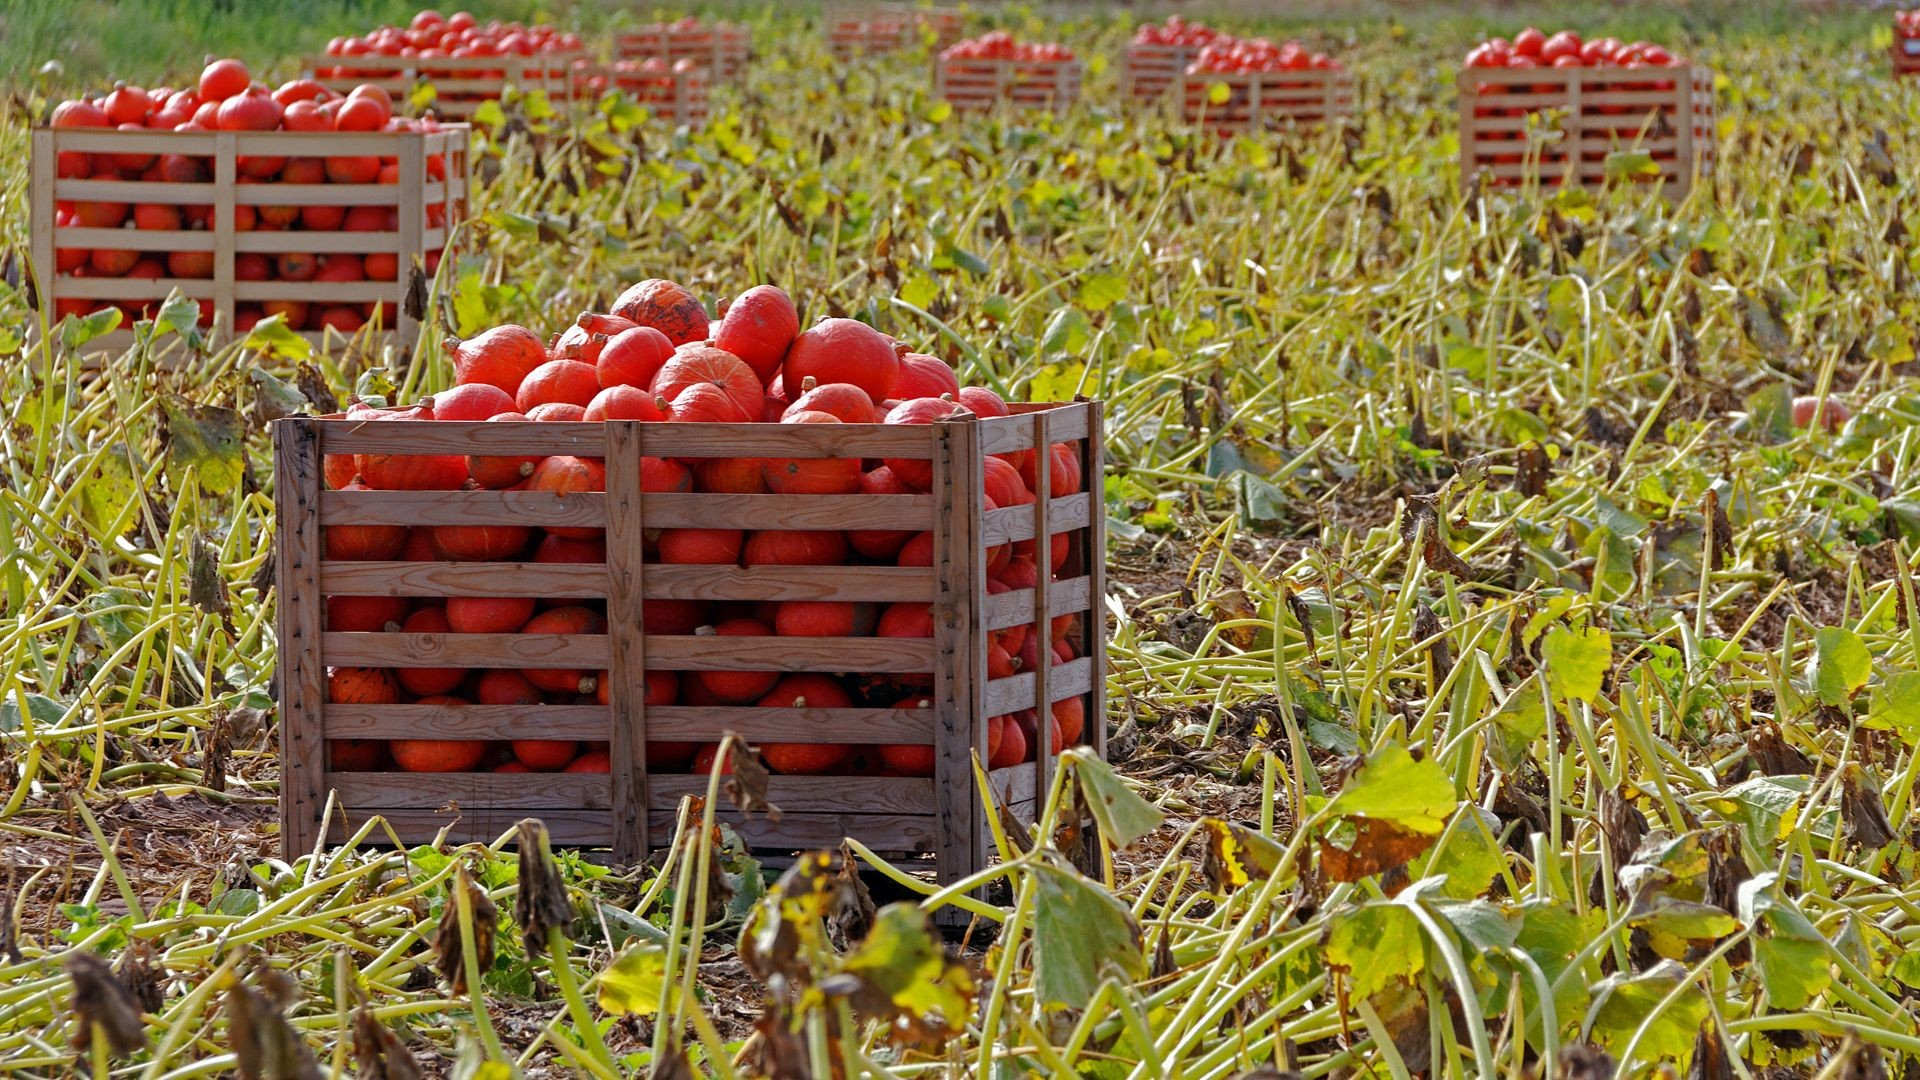 Venta de hortalizas en Zaragoza